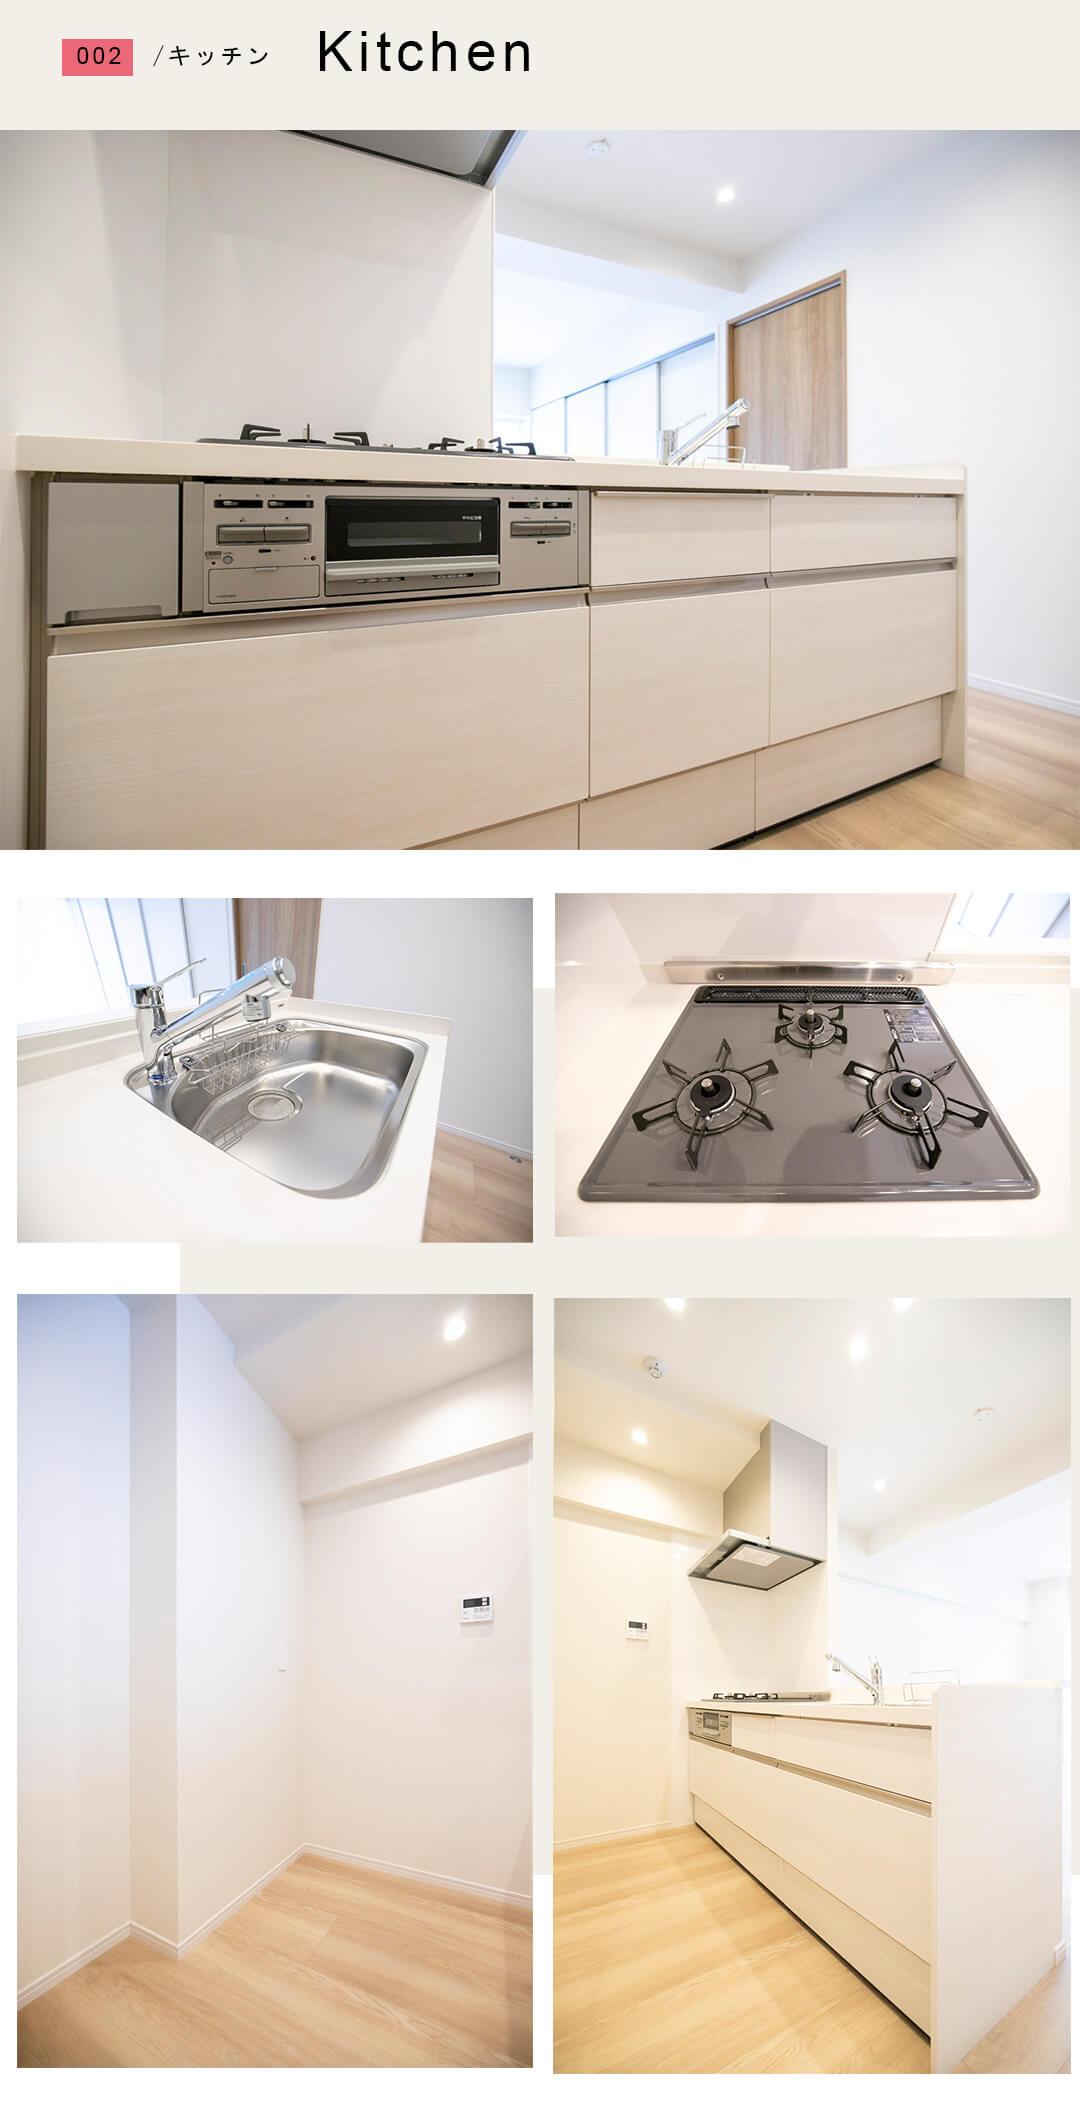 02キッチン,Kitchen